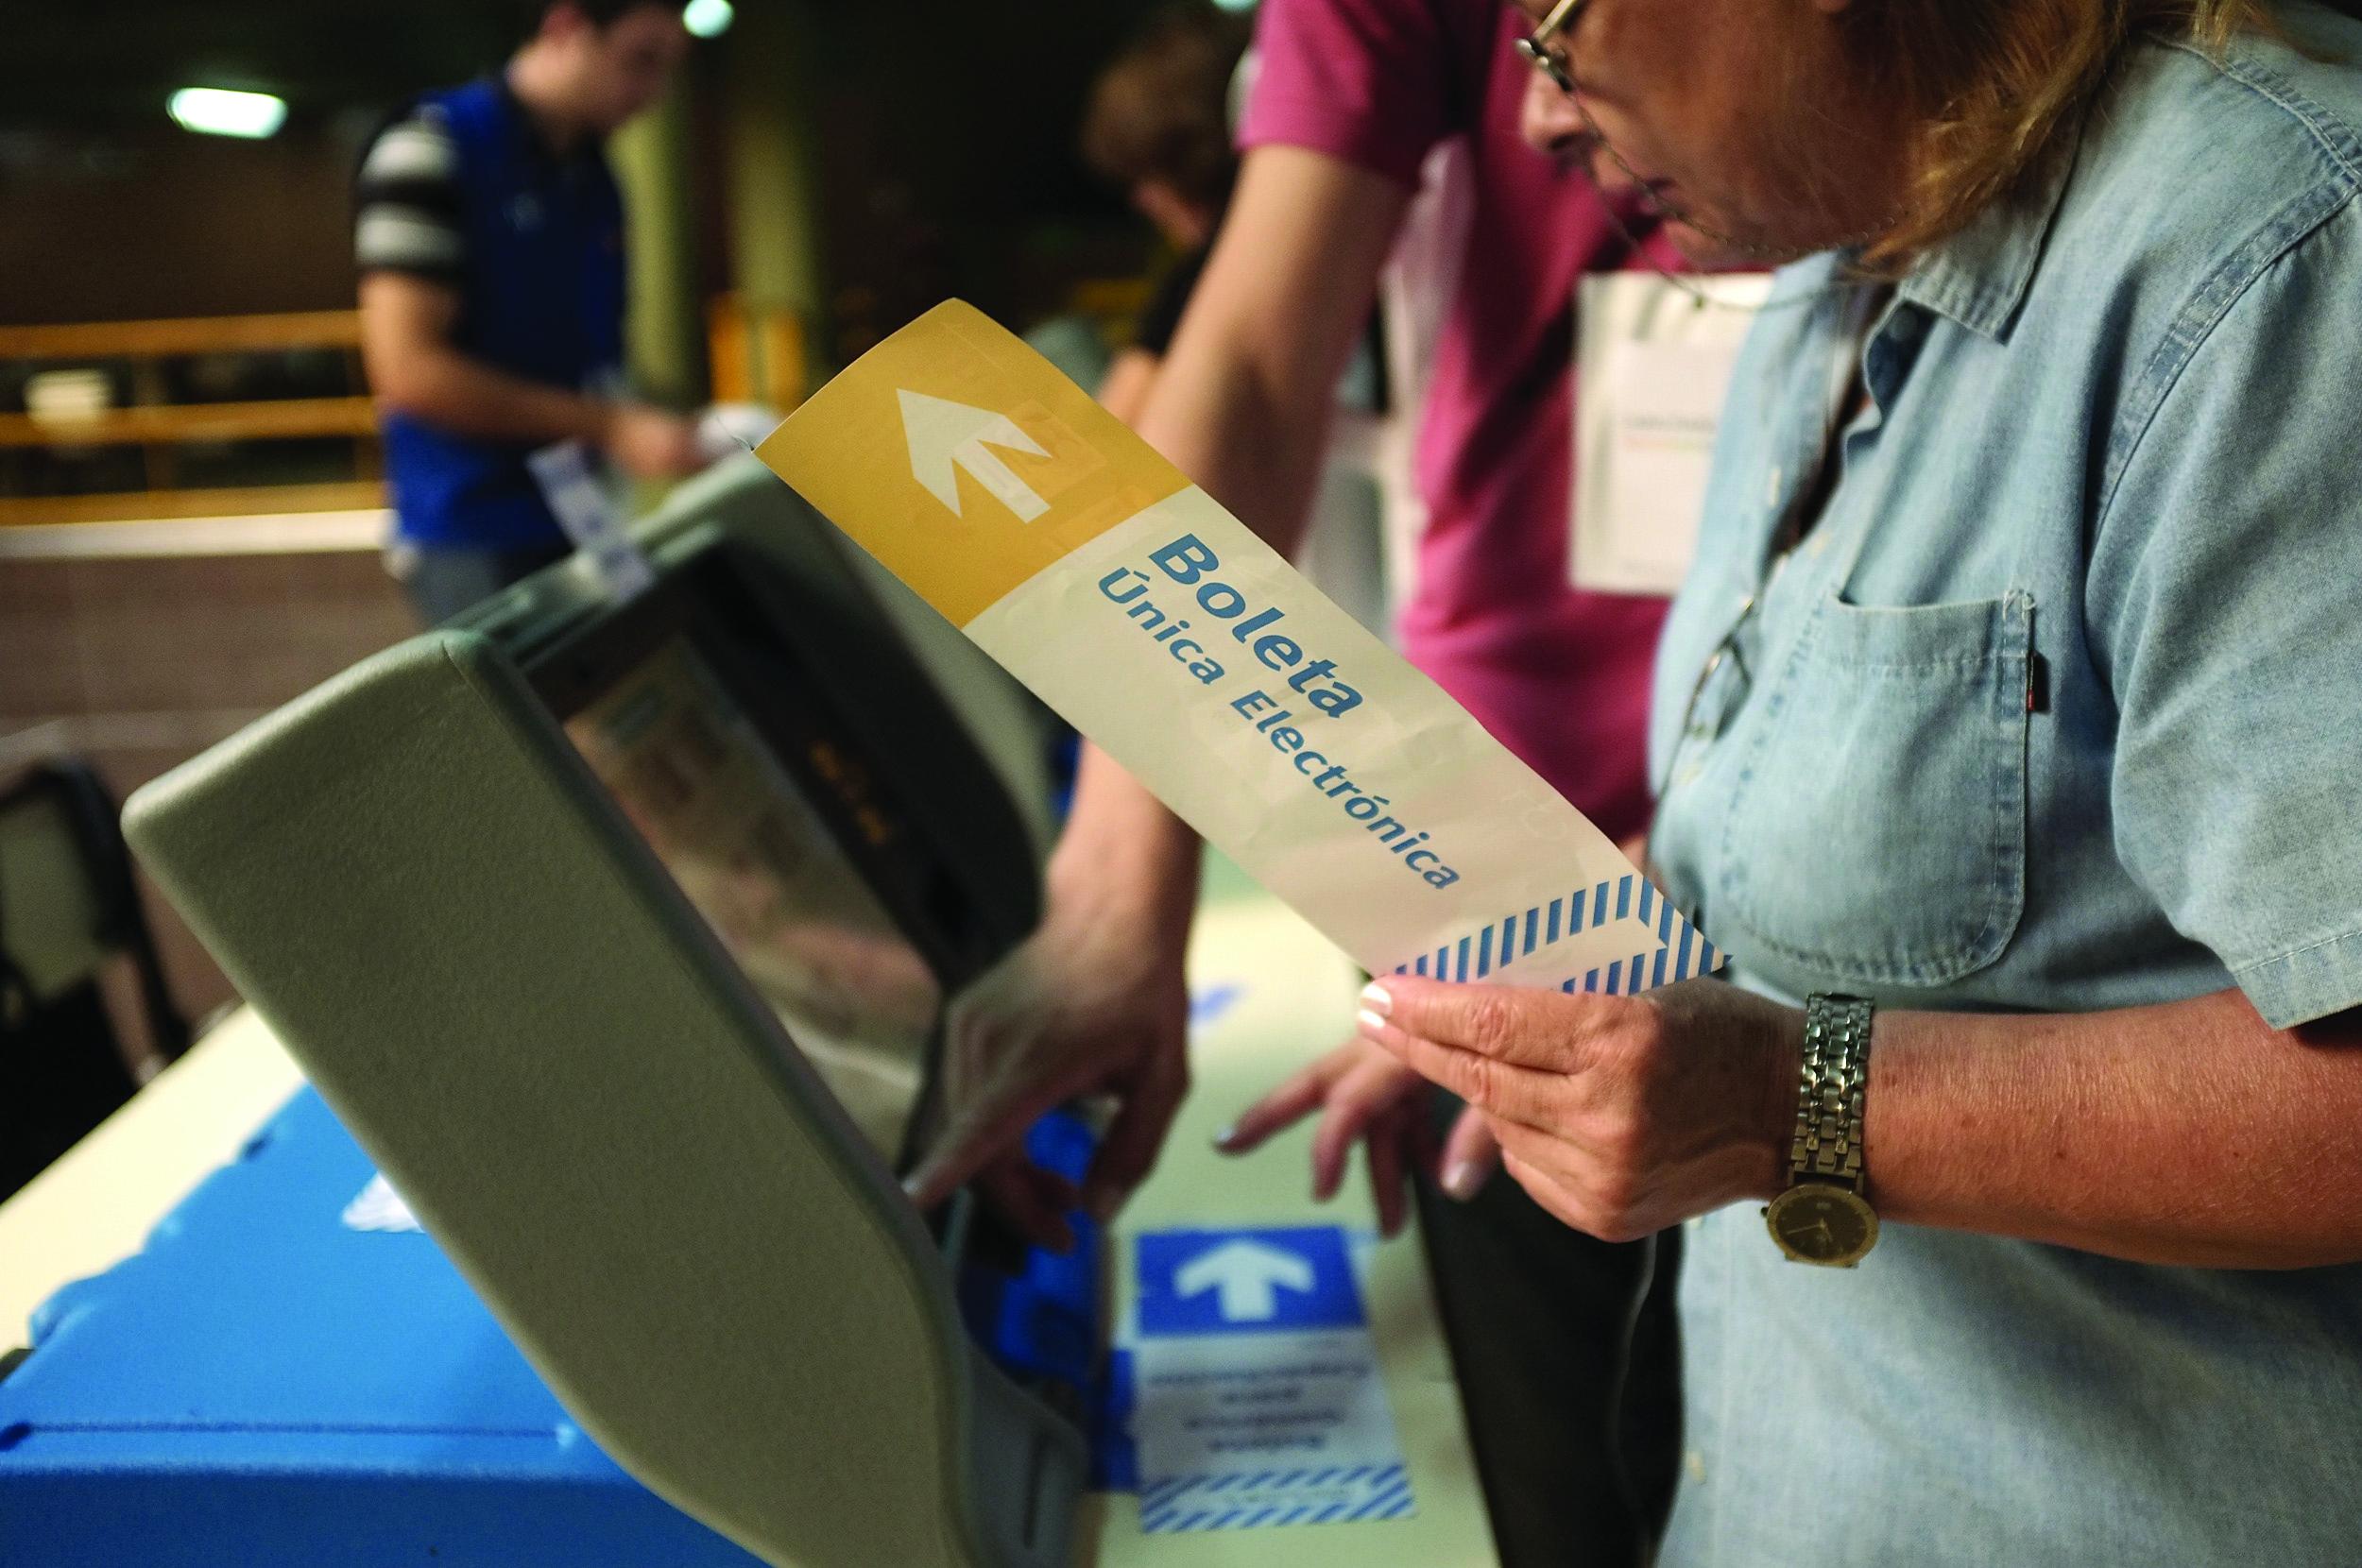 DYN716, BUENOS AIRES 26/04/2015, SE REALIZA DURANTE ESTAS ELECCIONES UN SIMULACRO DE BOLETA UNICA ELECTRONICA. FOTO: DYN/ALBERTO RAGGIO.